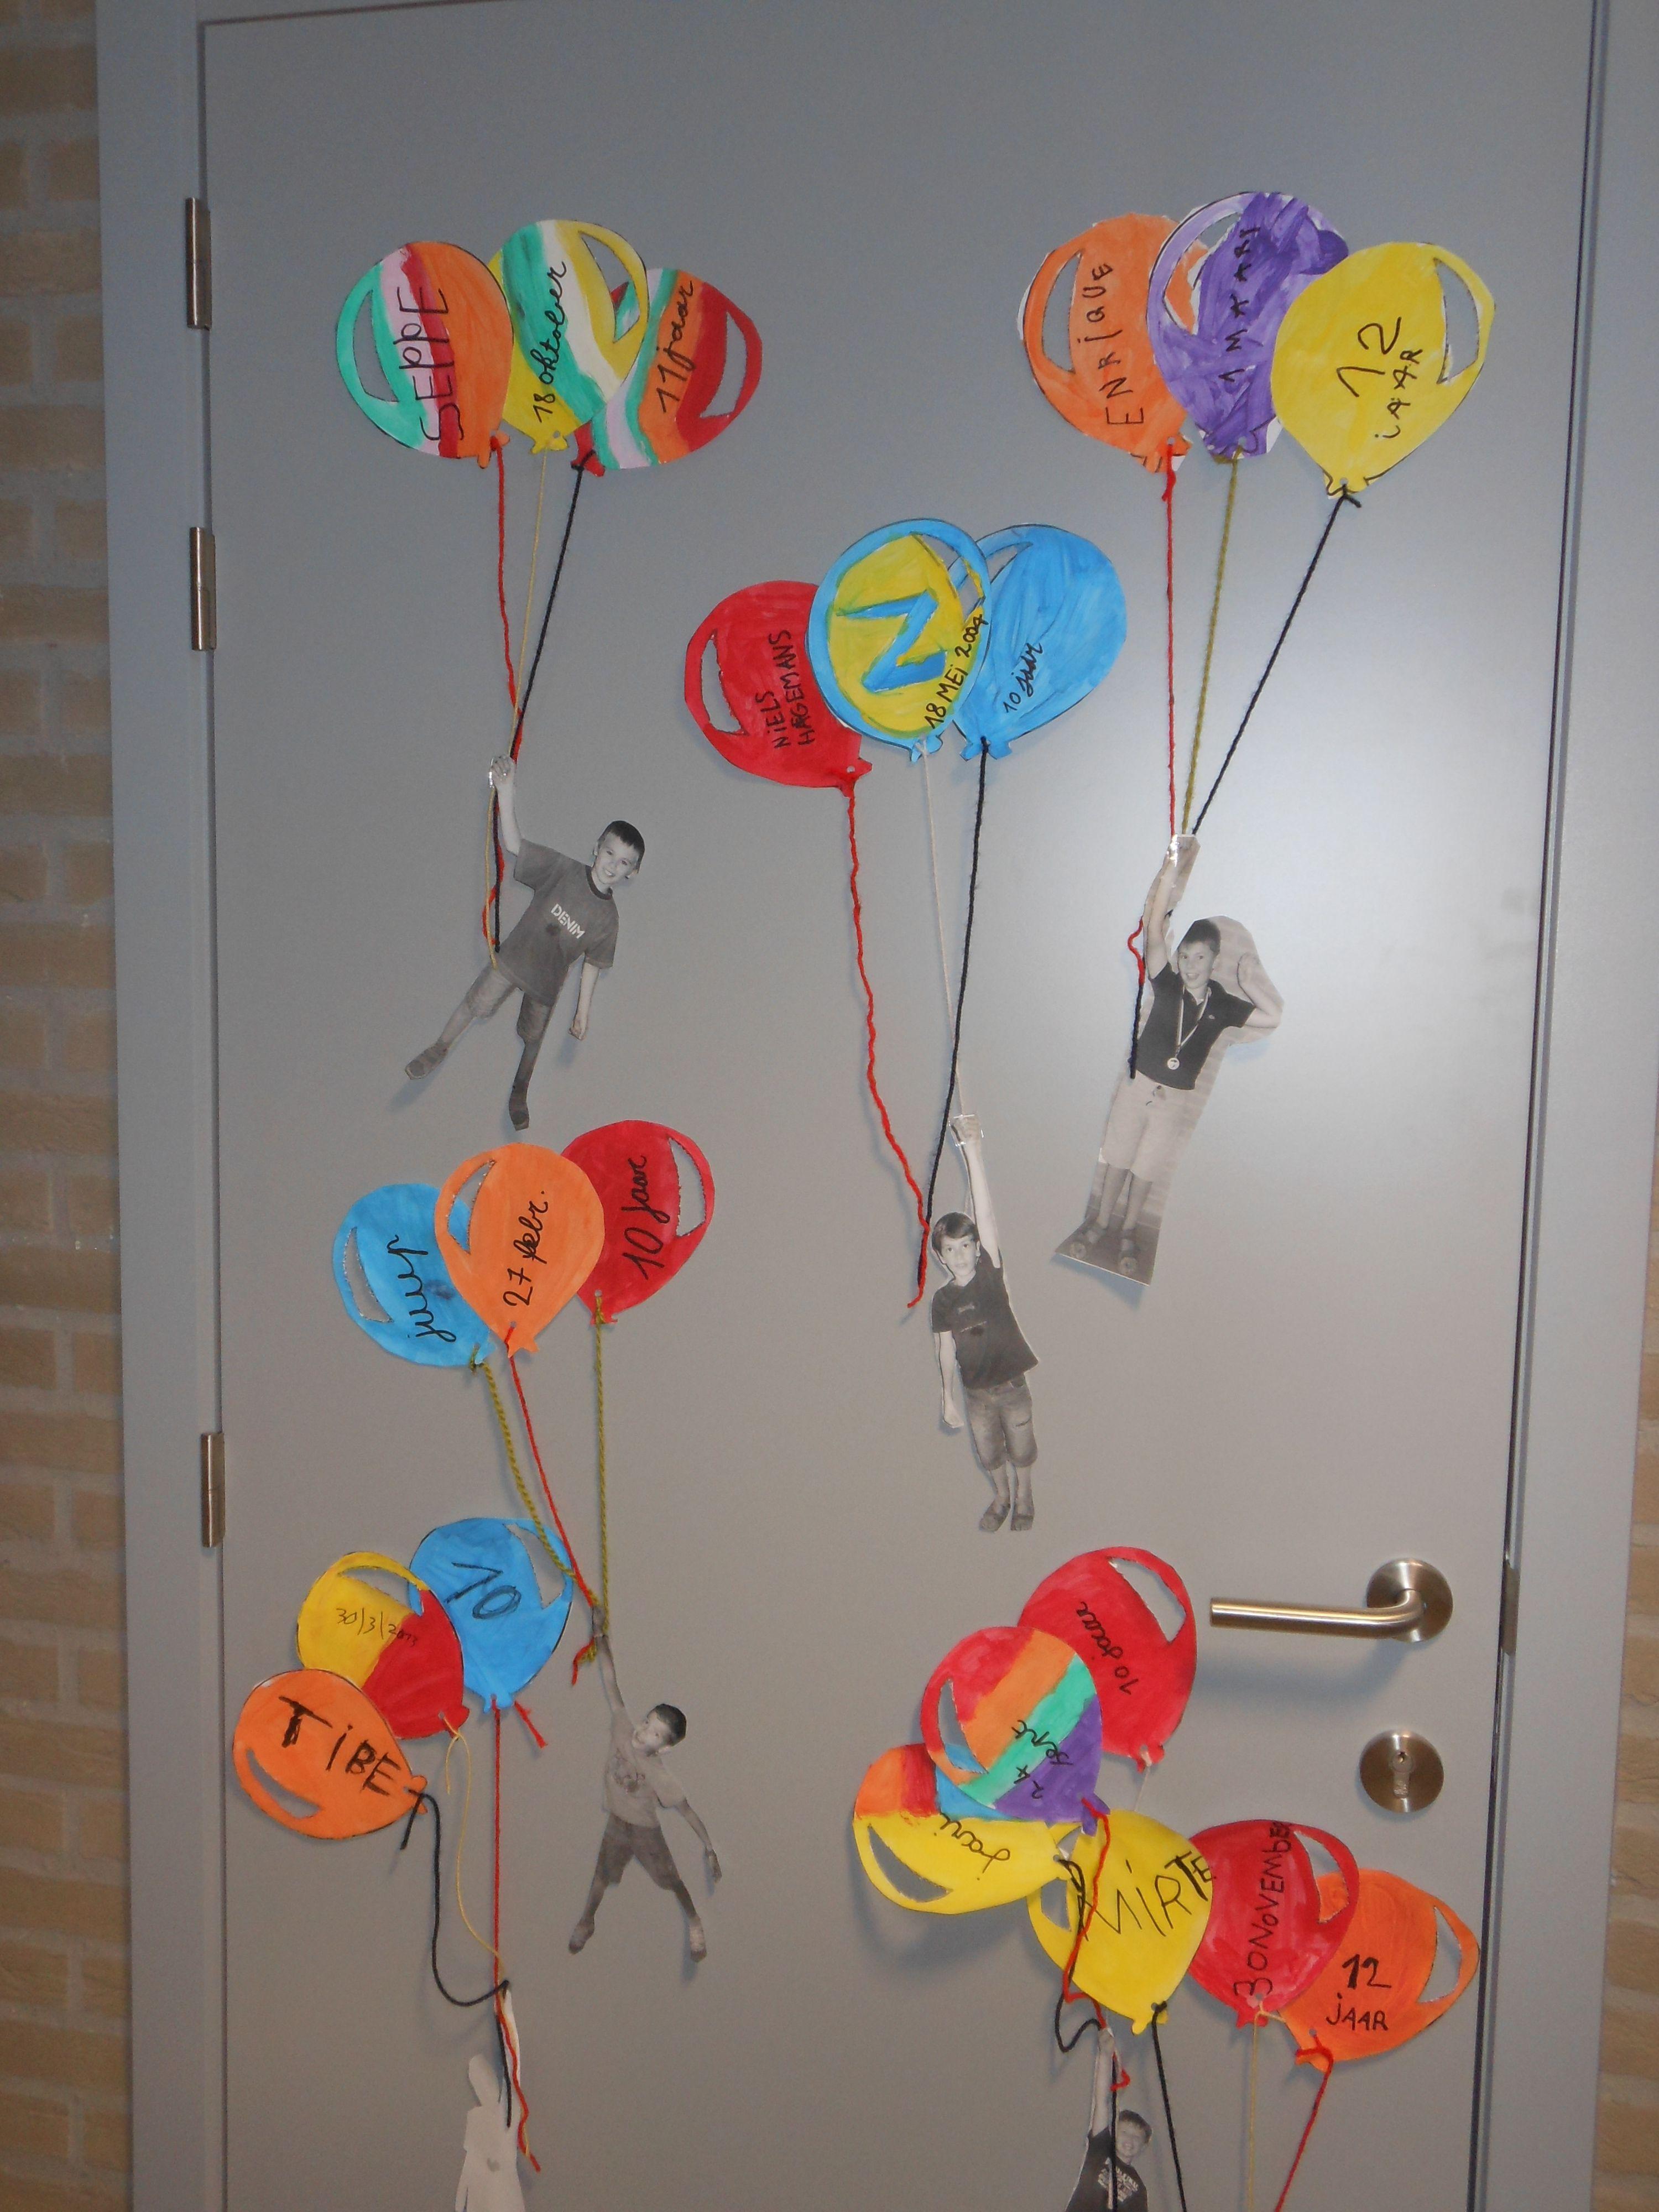 Verjaardagskalender ballonnen | KALENDER | Pinterest | School